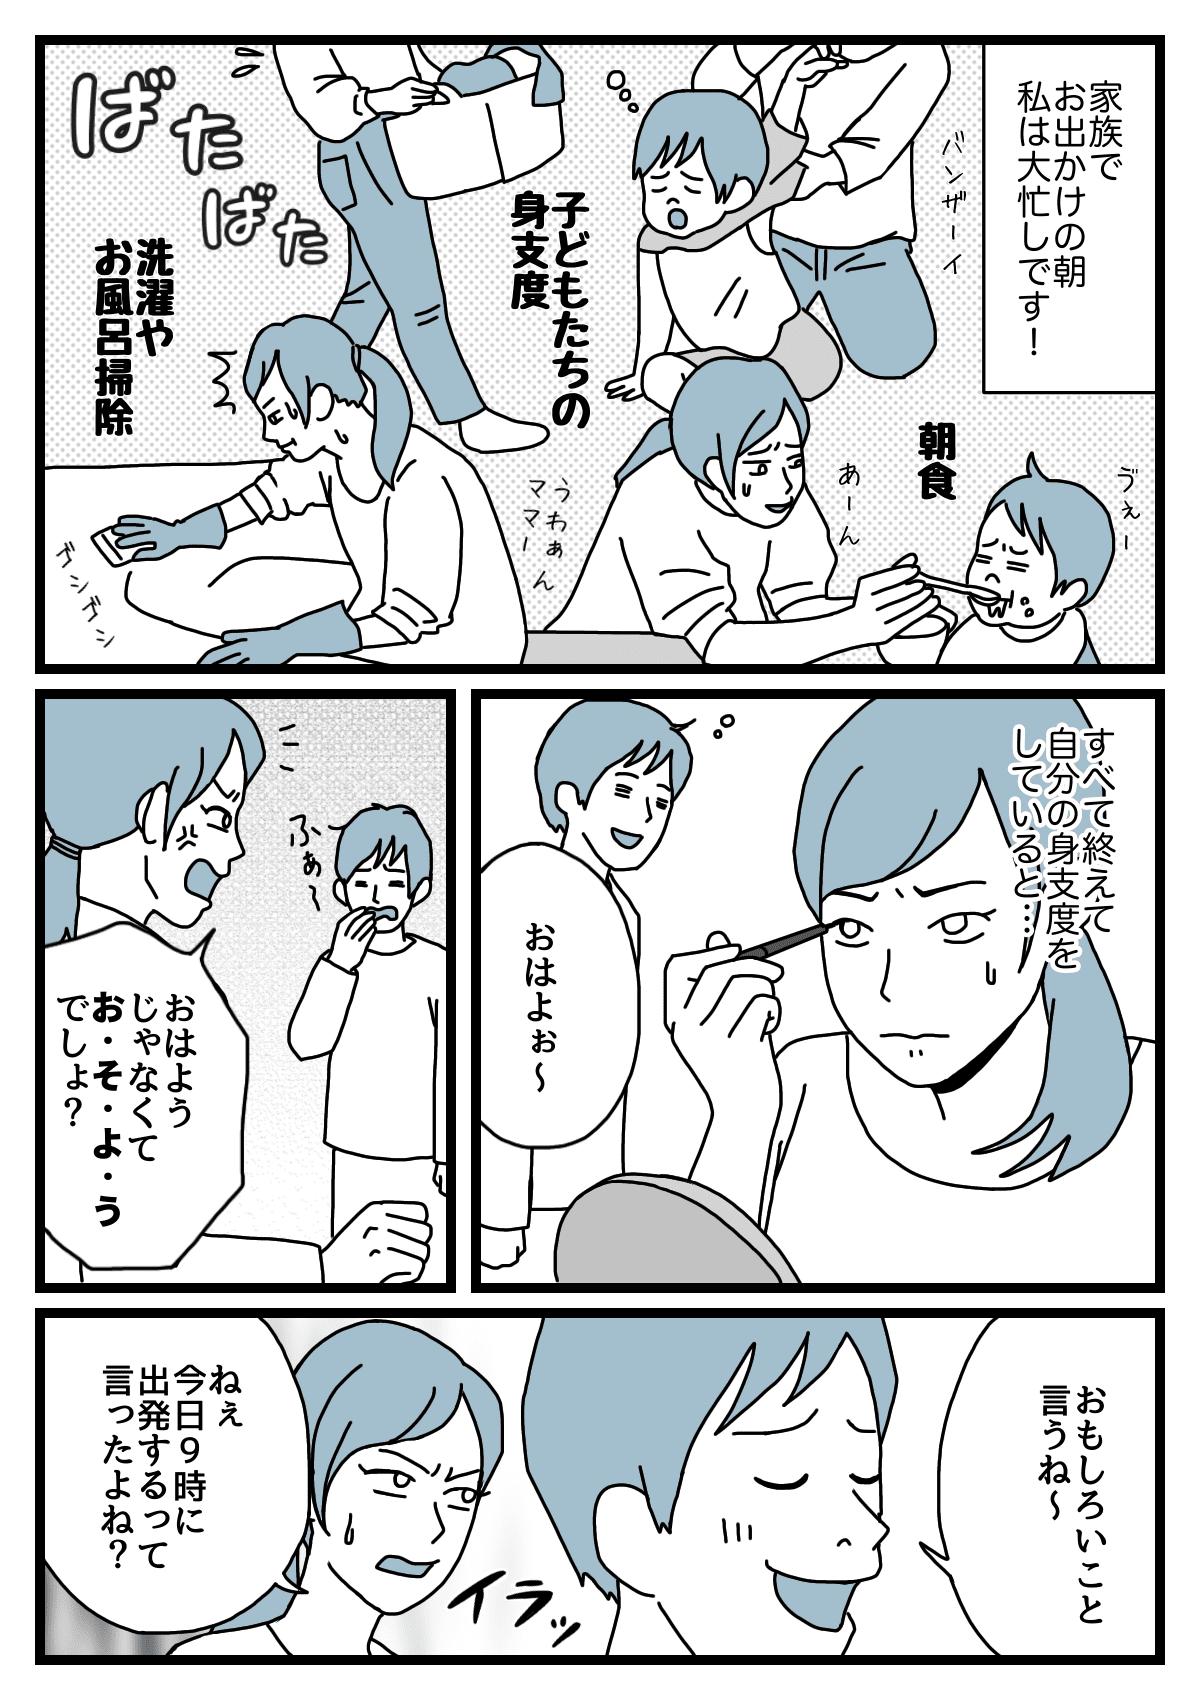 【前編】お出かけ1